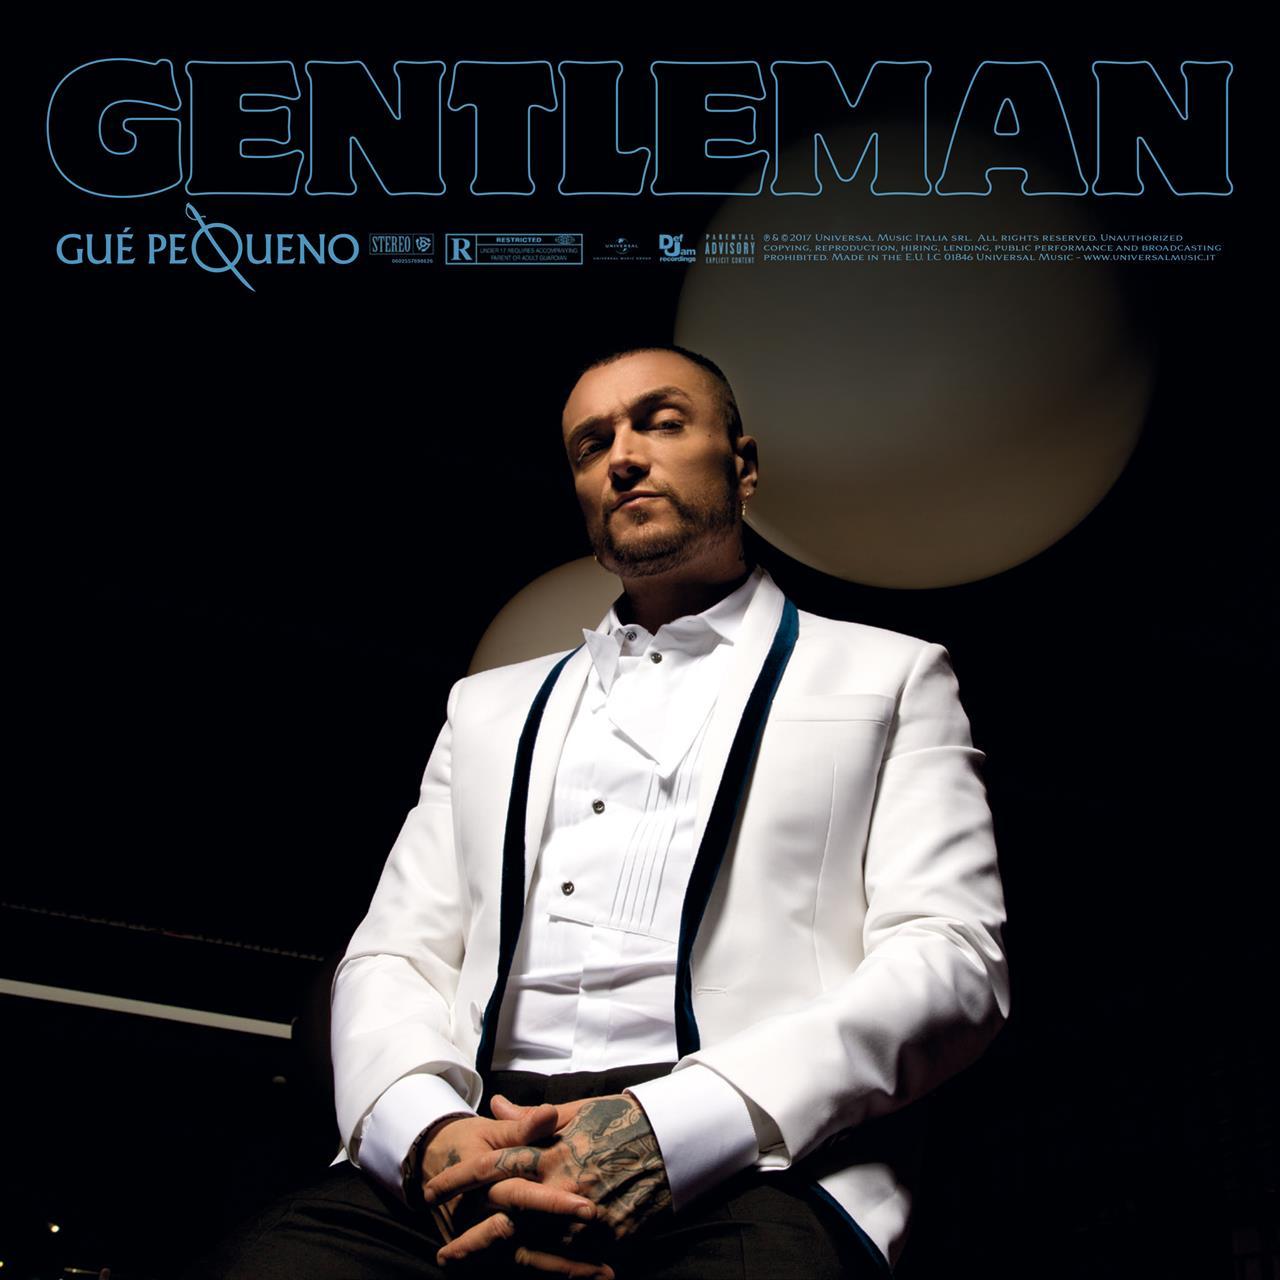 Gentleman BLU